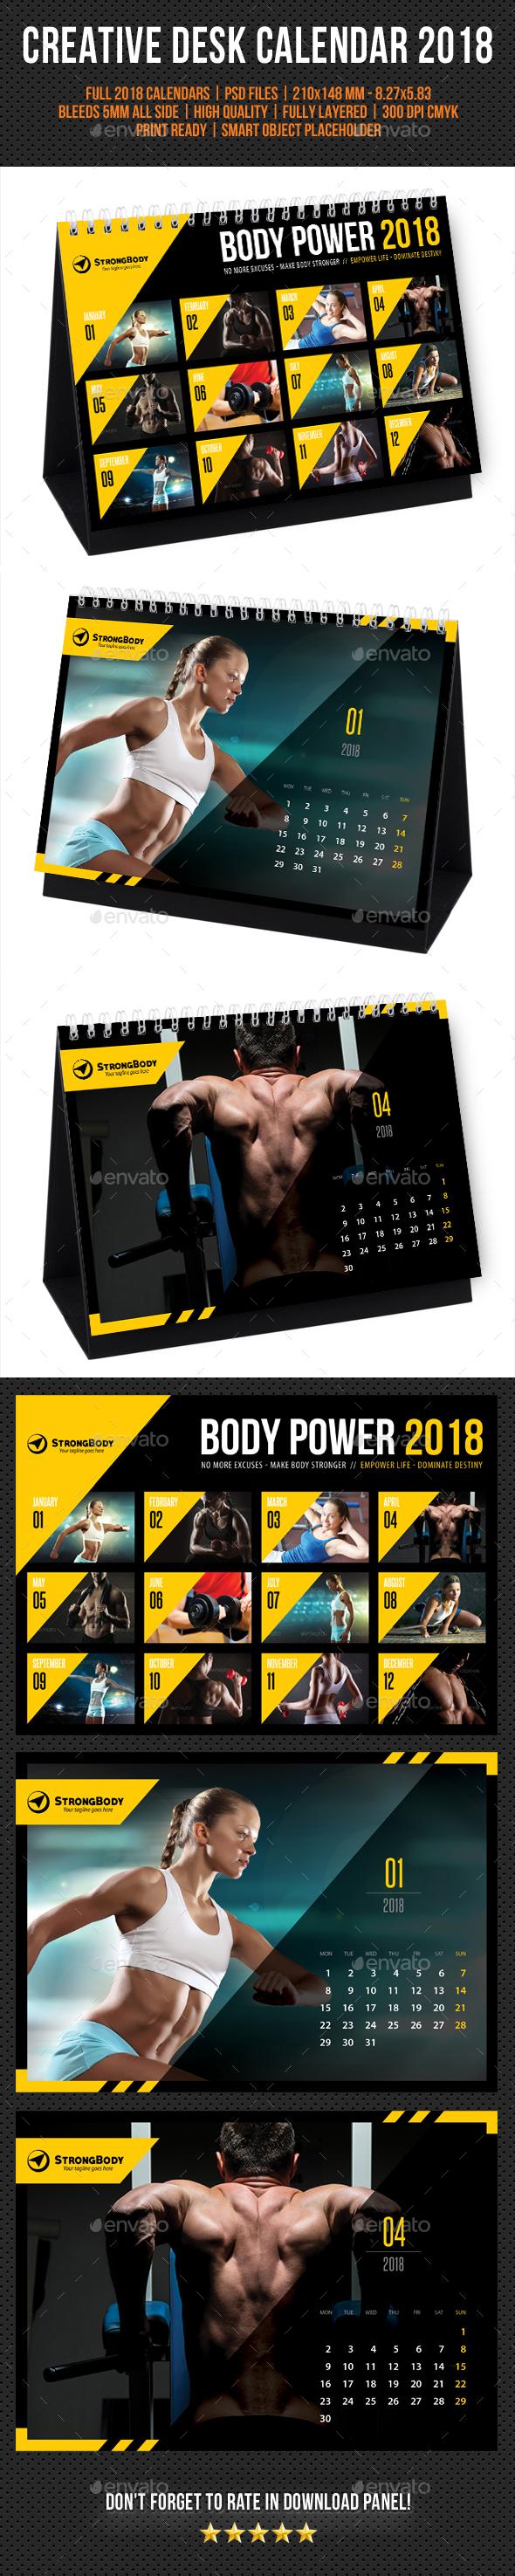 Creative Desk Calendar 2018 V30 - Calendars Stationery